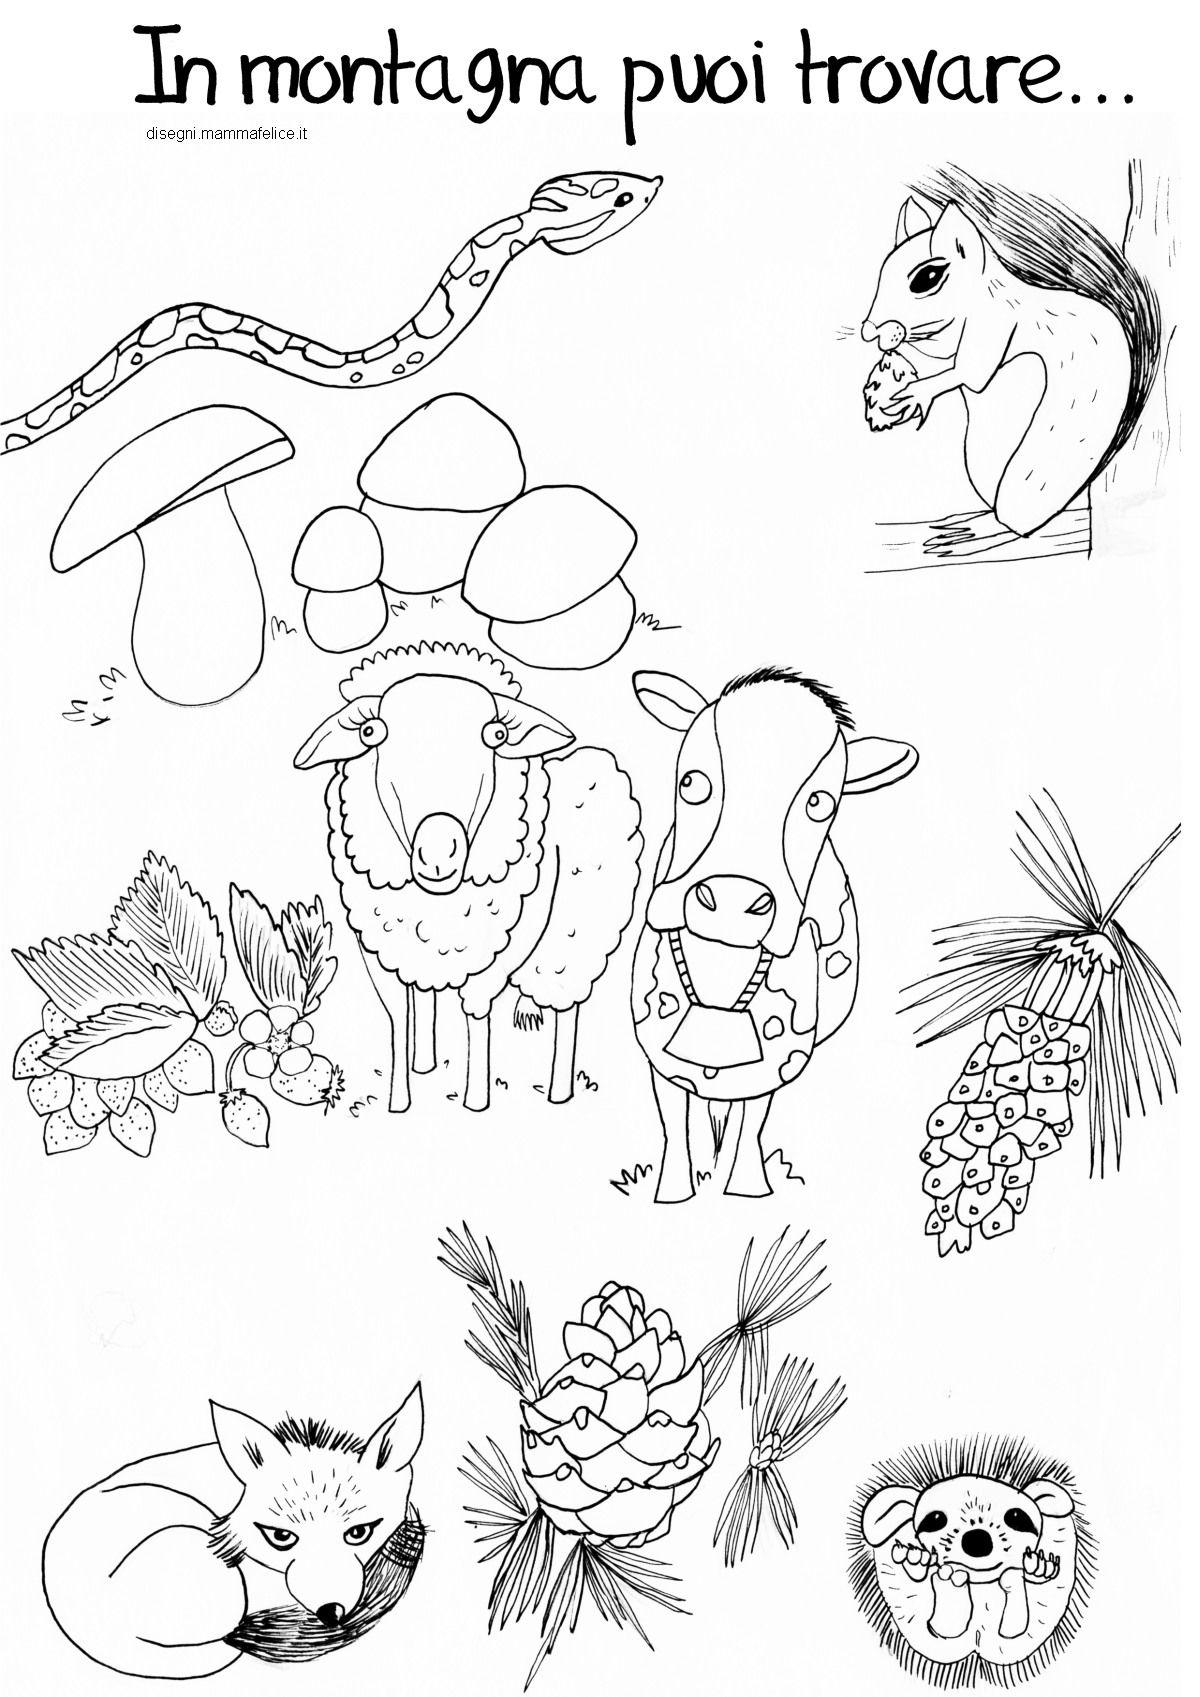 Disegno Da Colorare Animali Della Montagna Disegni Da Colorare Animali Disegni